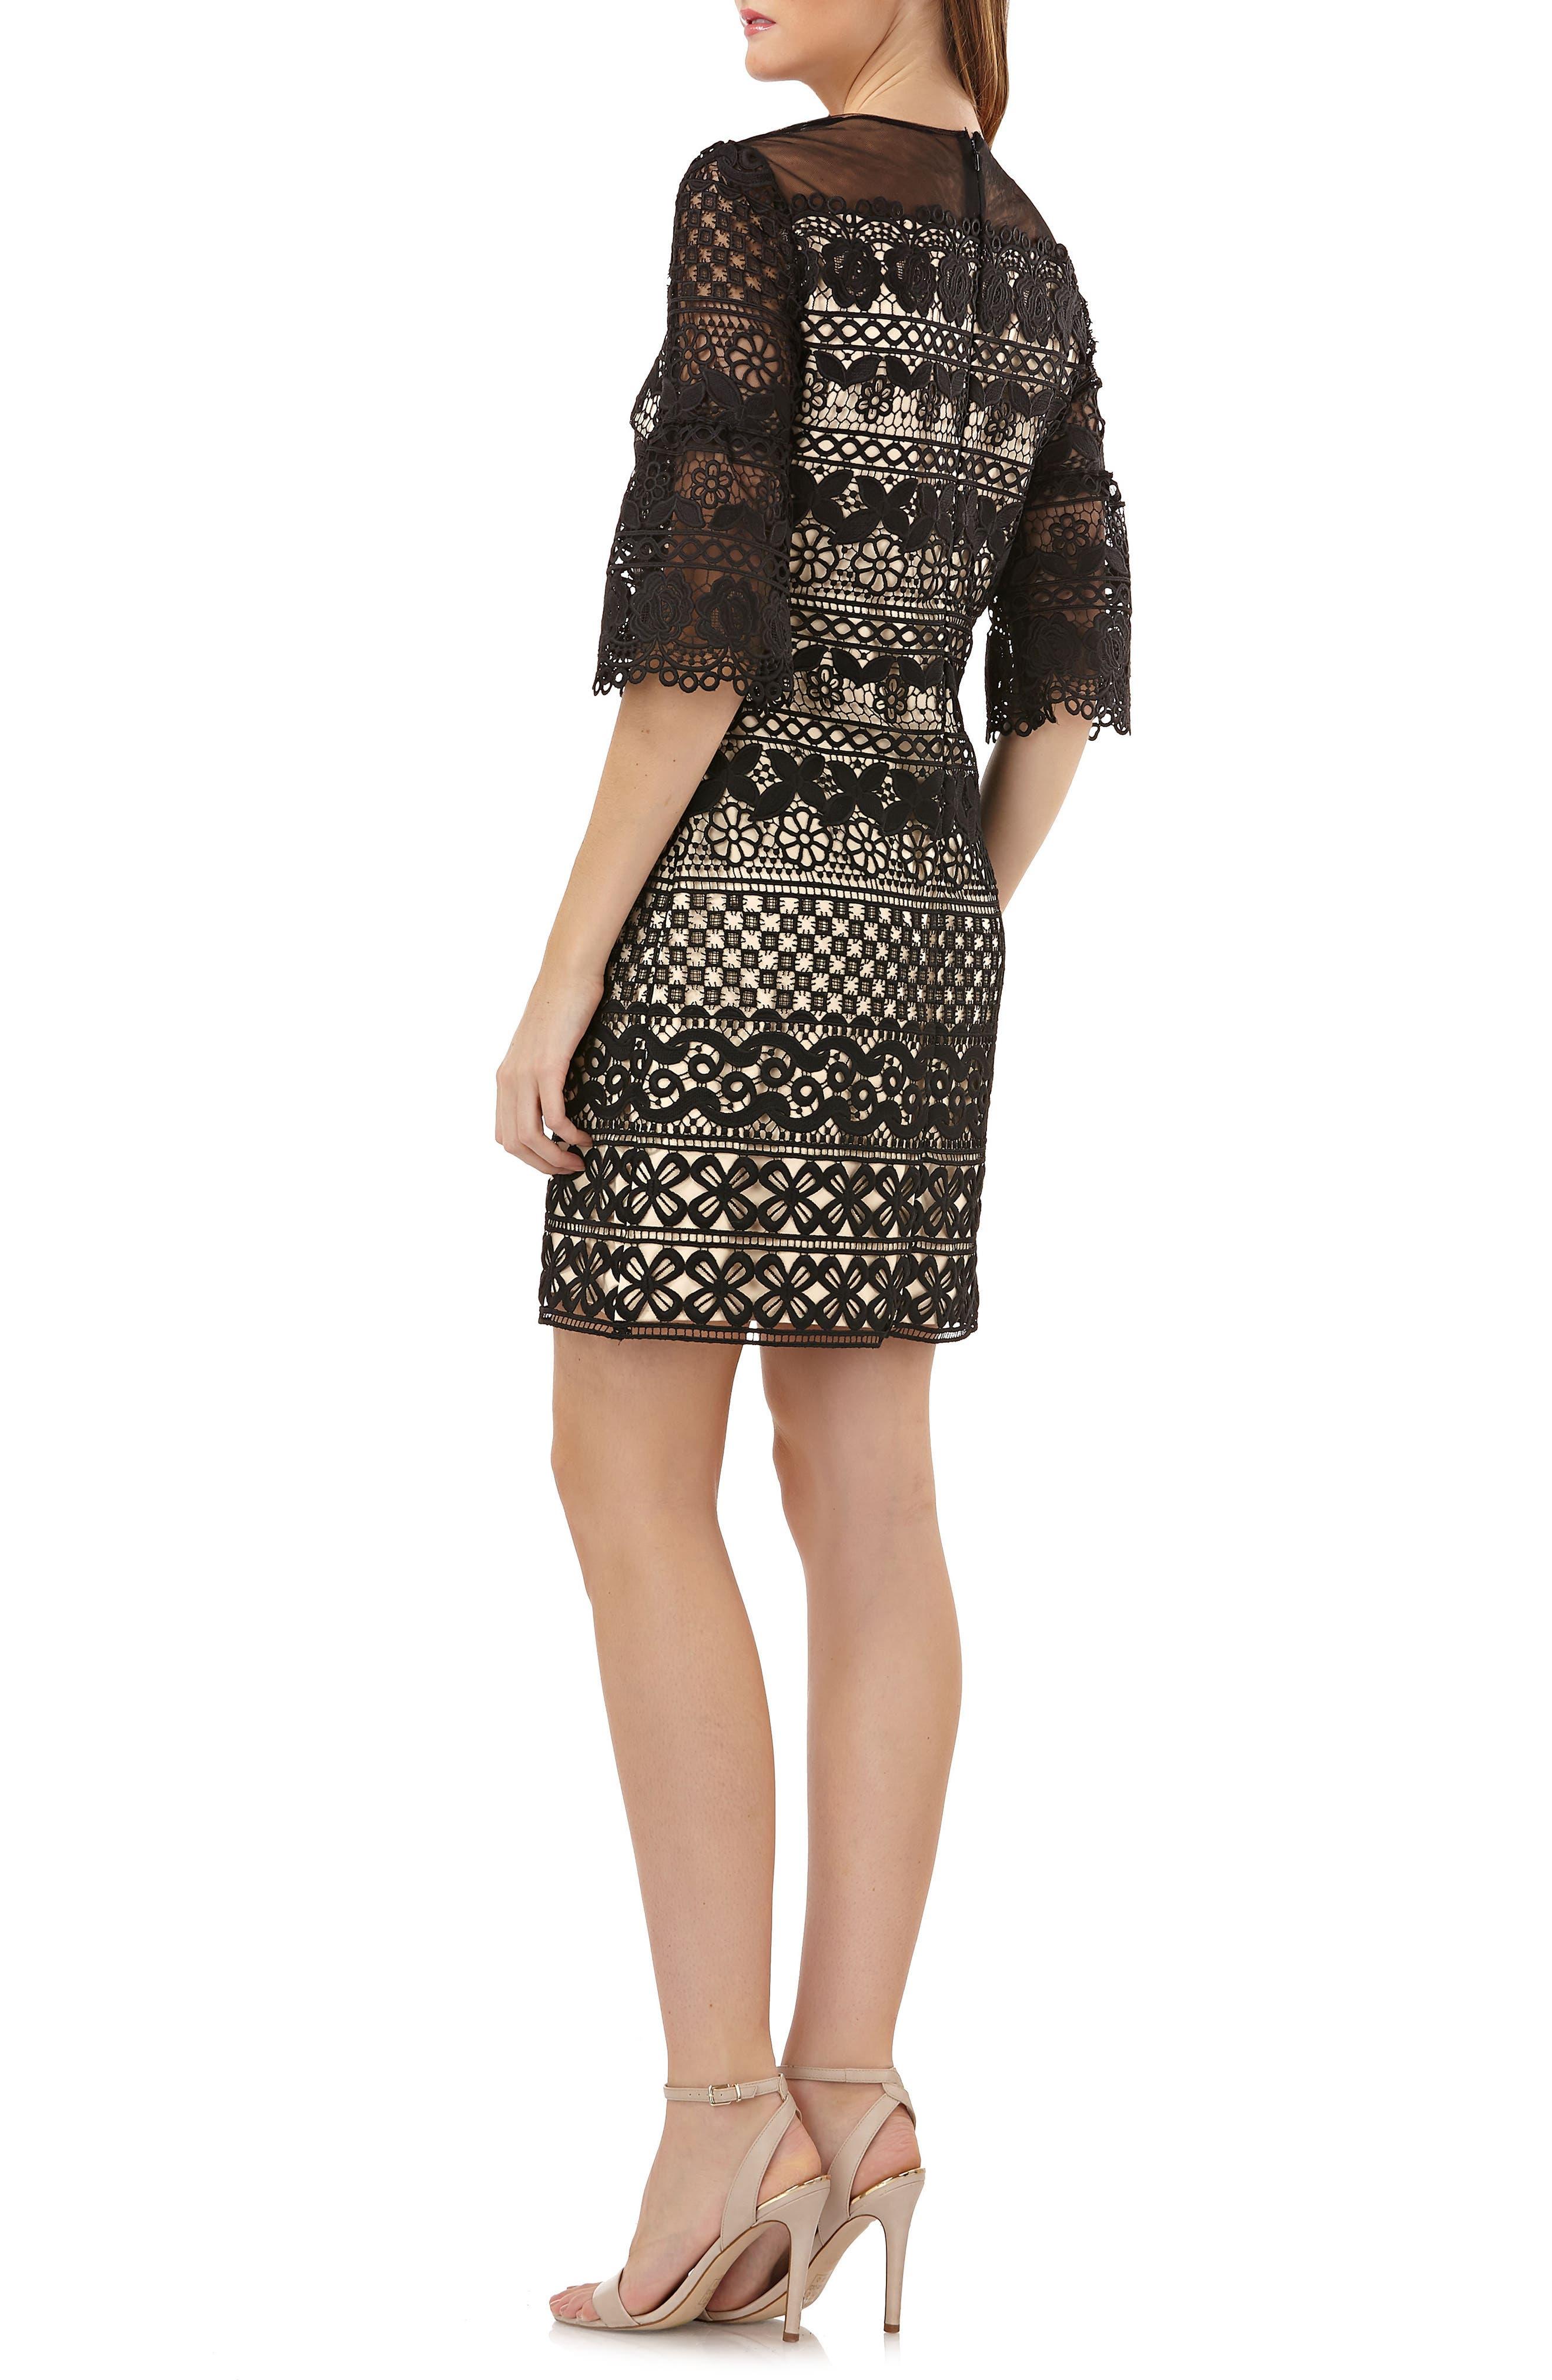 Carmen Marc Valvo Lace Shift Dress,                             Alternate thumbnail 2, color,                             BLACK NUDE